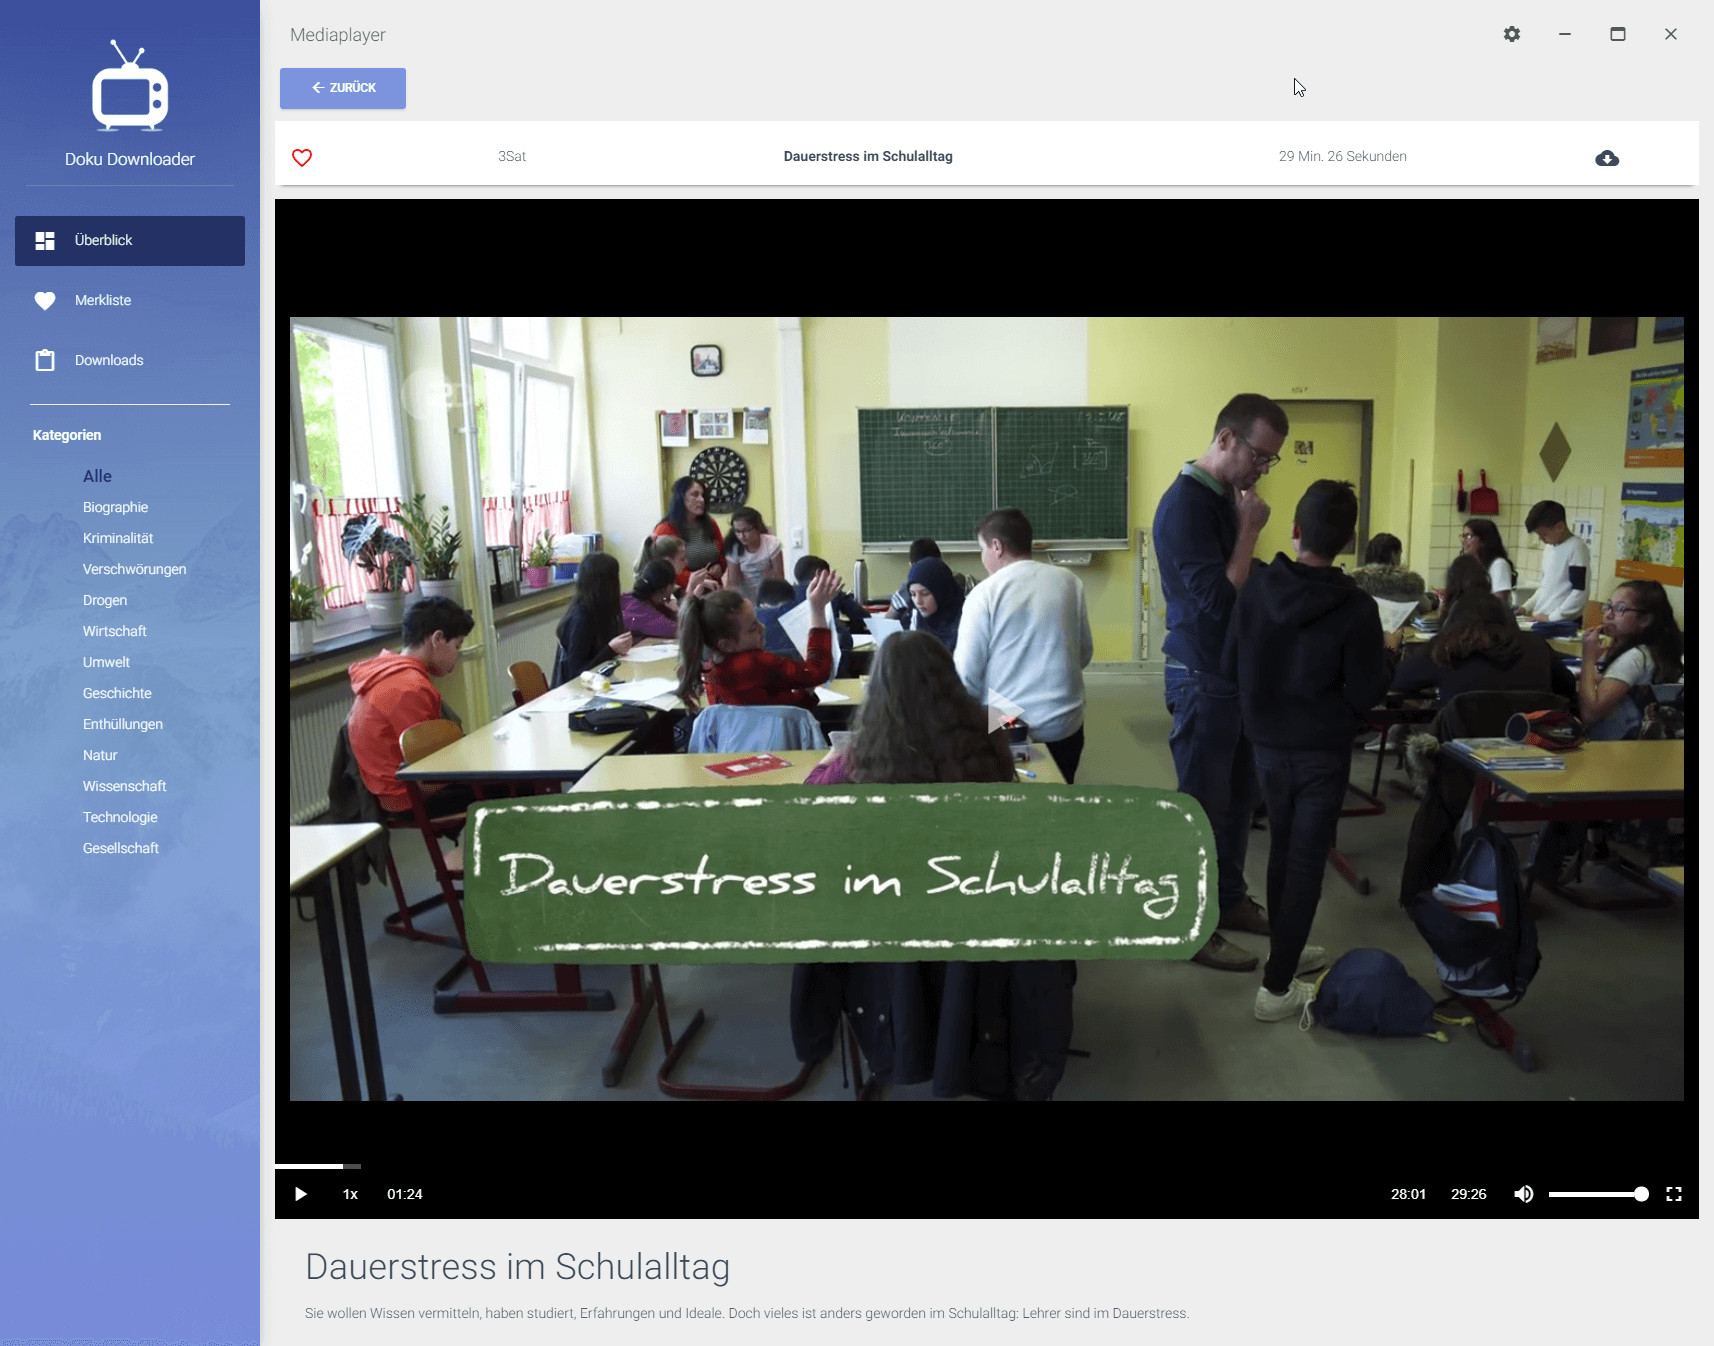 3SAT Dokumentation herunterladen: Detailansicht einer Doku